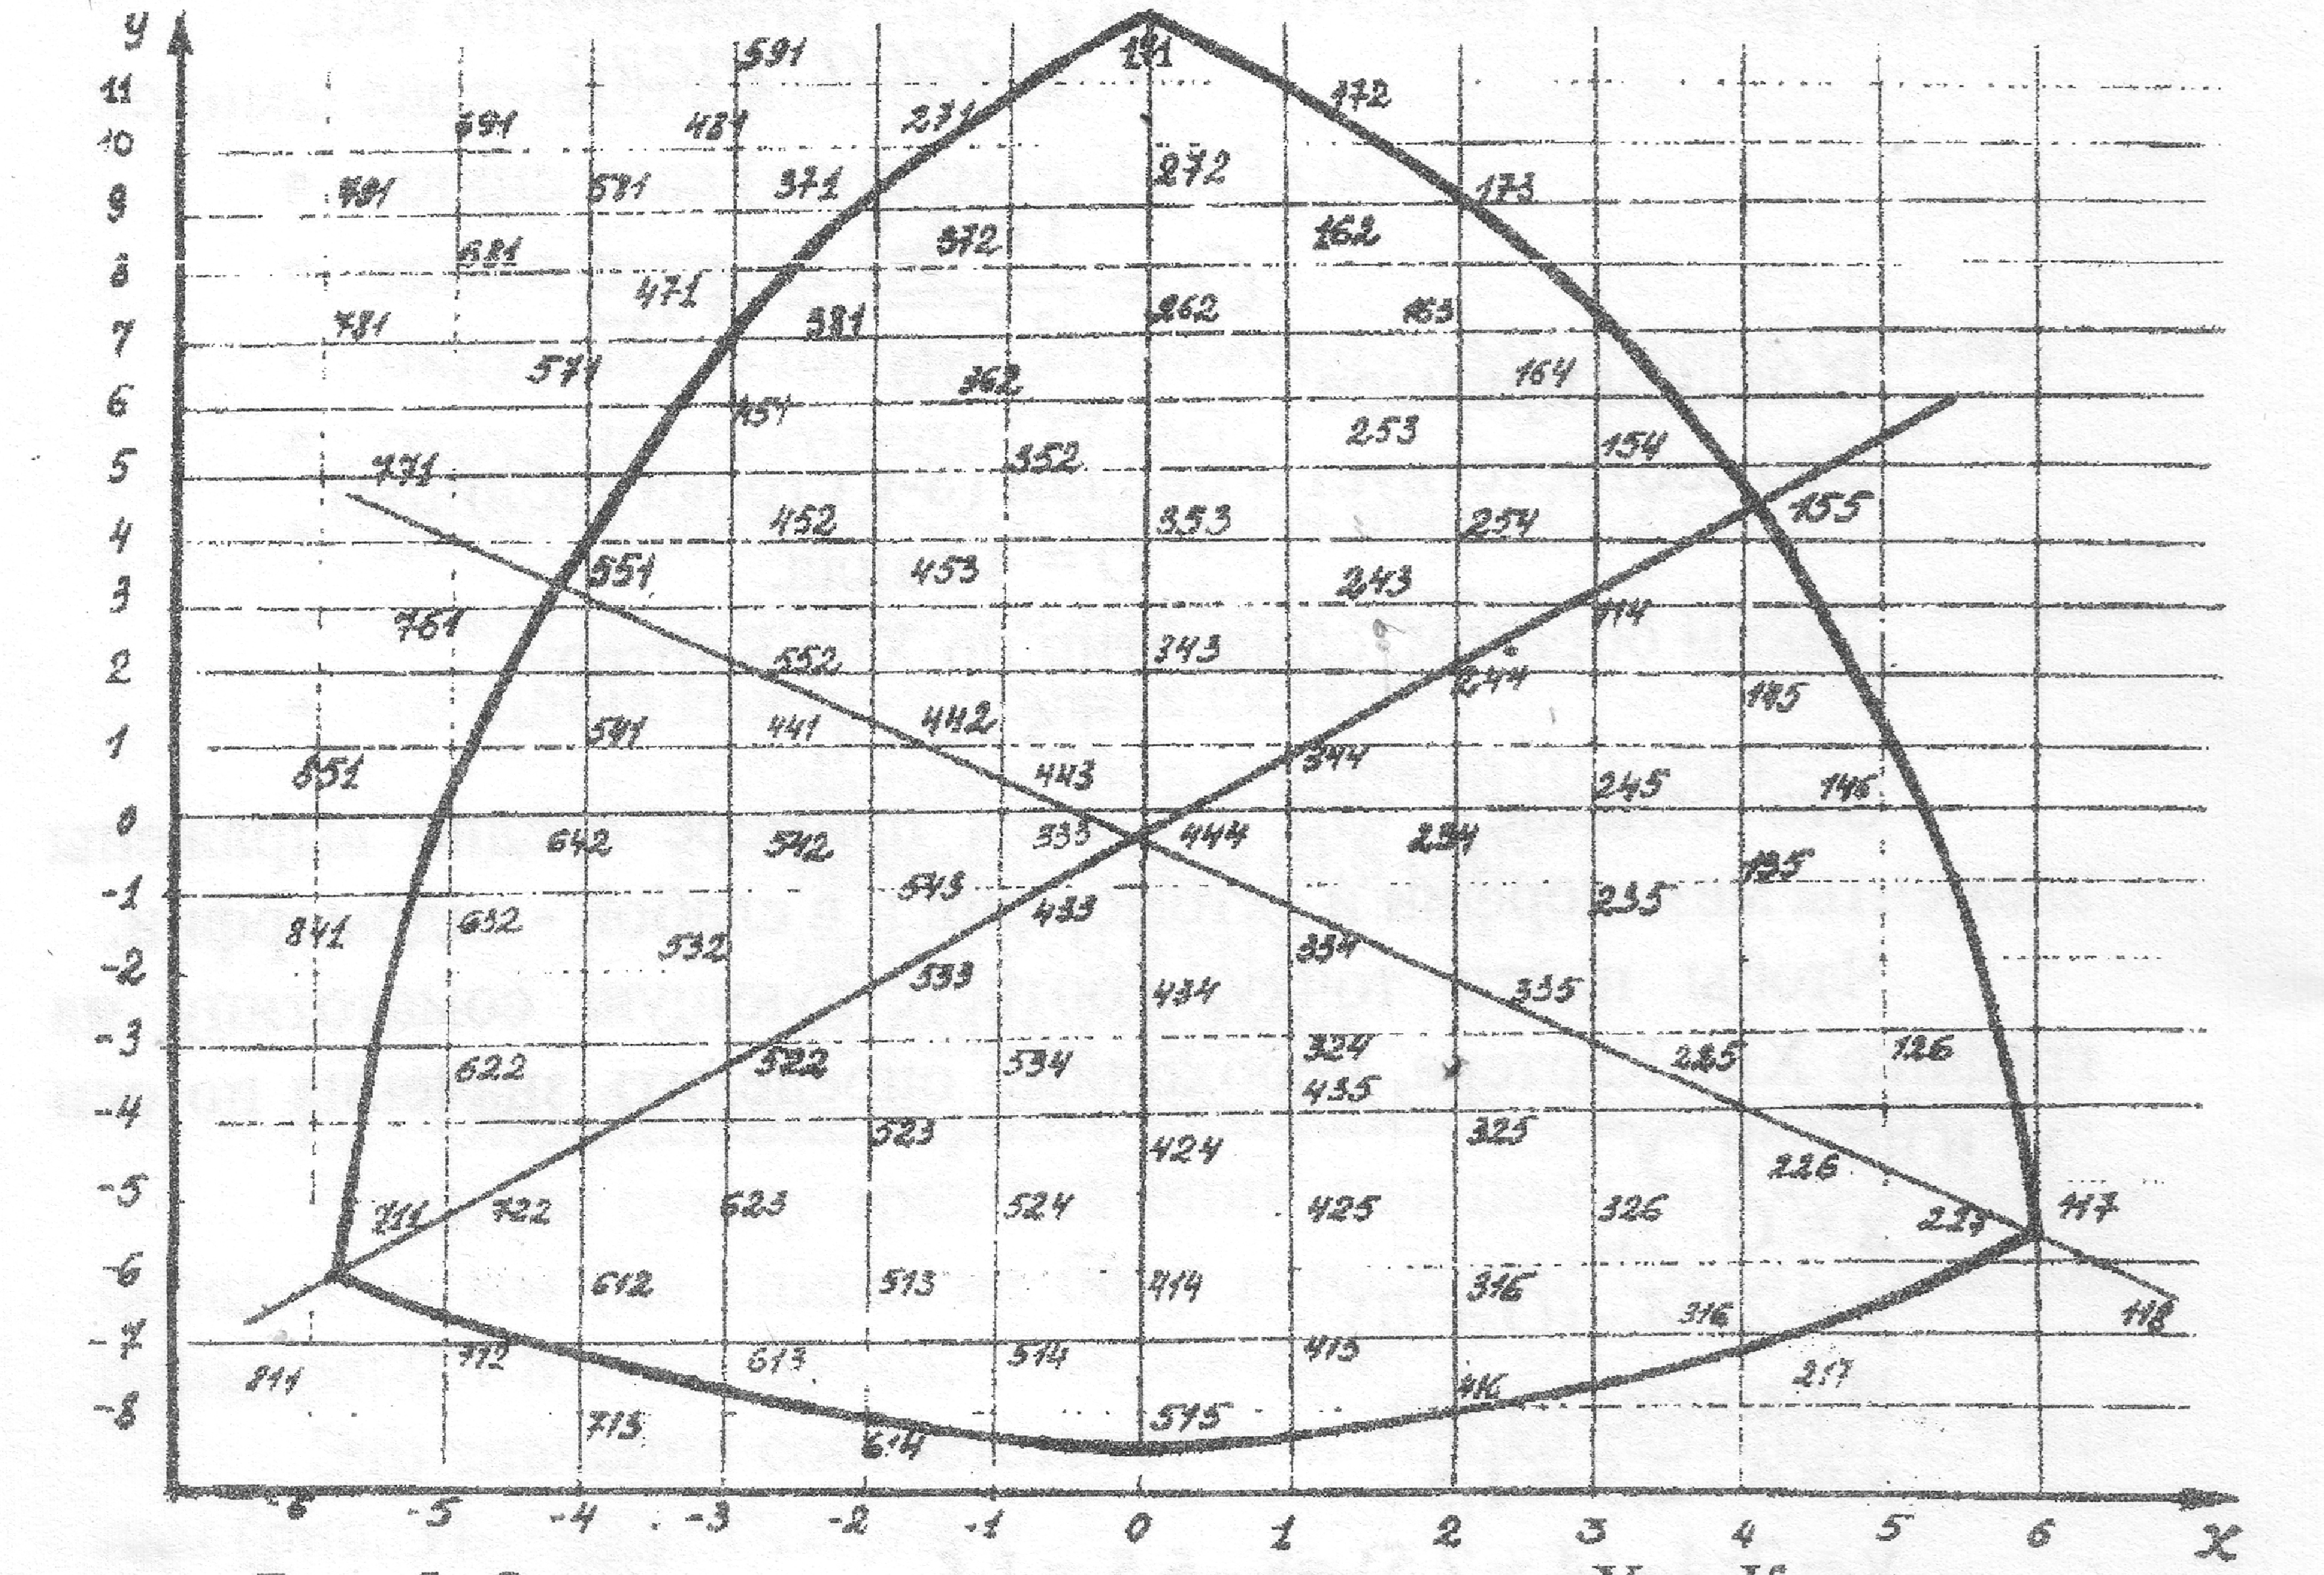 Расчет компонентов соматотипа по Хит-Картеру